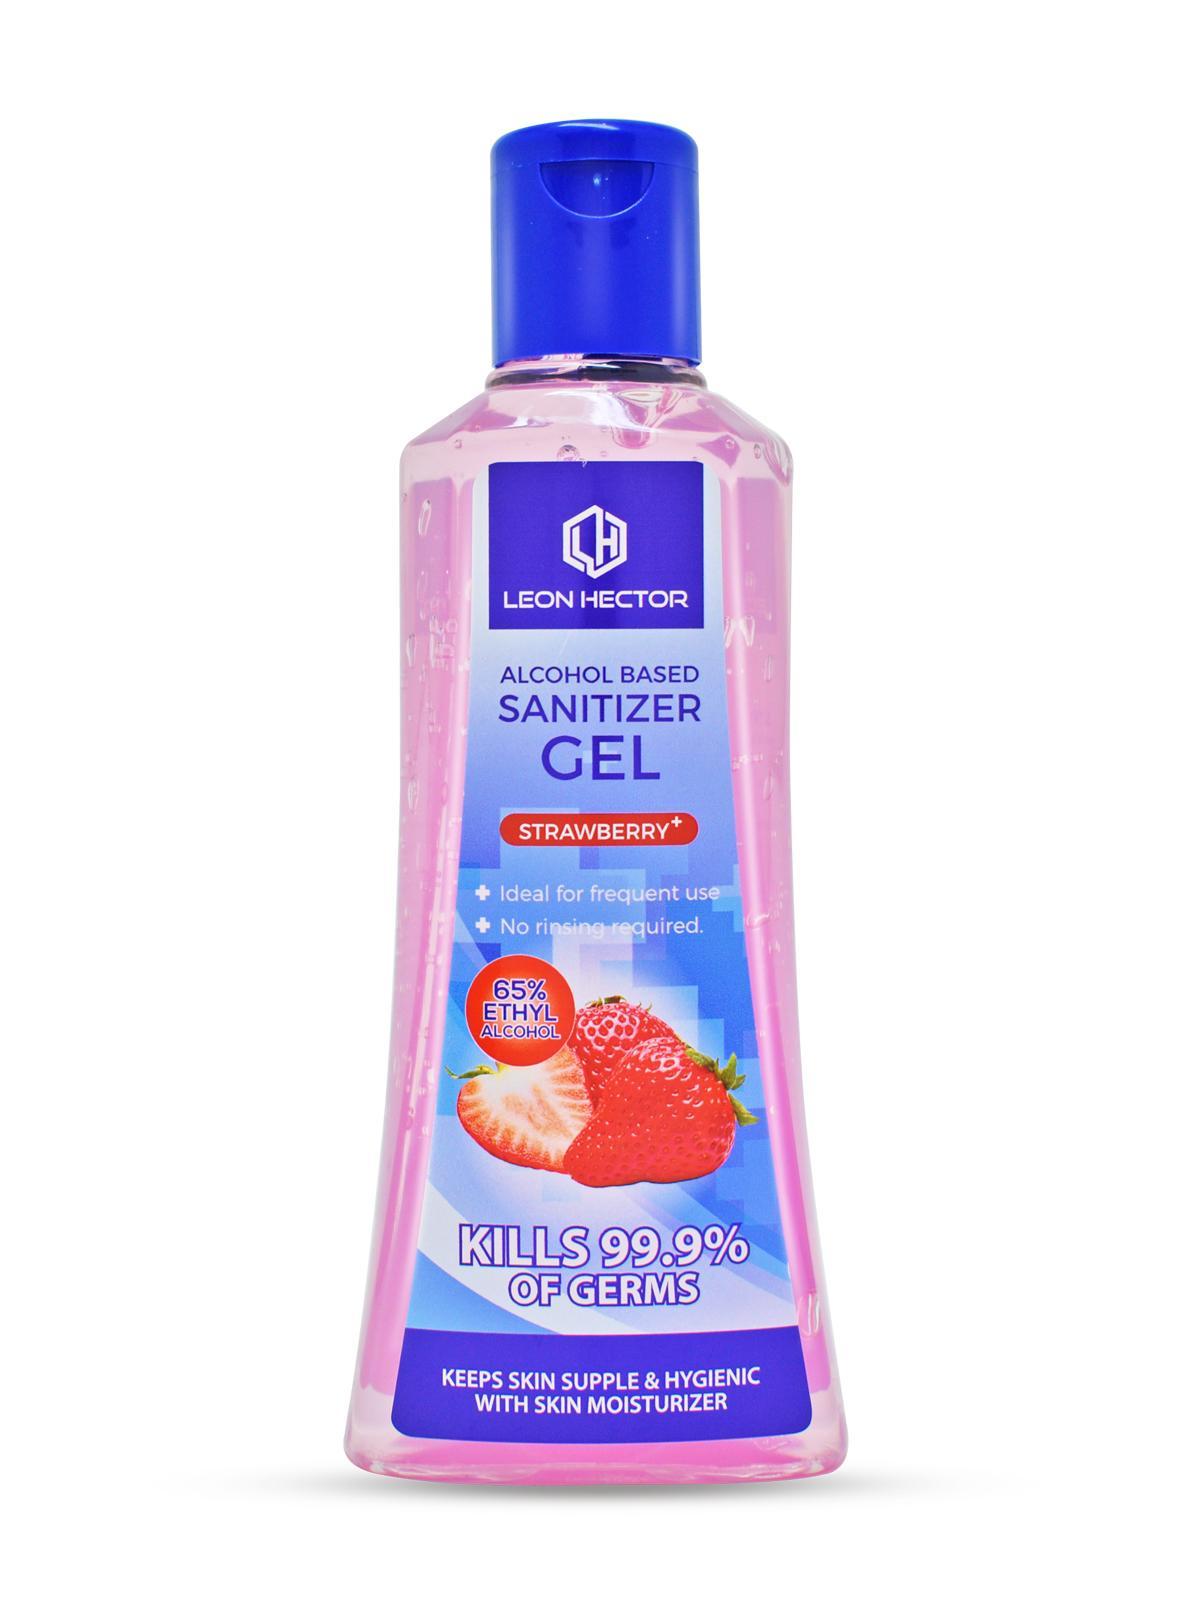 Leon Hector Sanitizer Gel Strawberry Plus 200ML